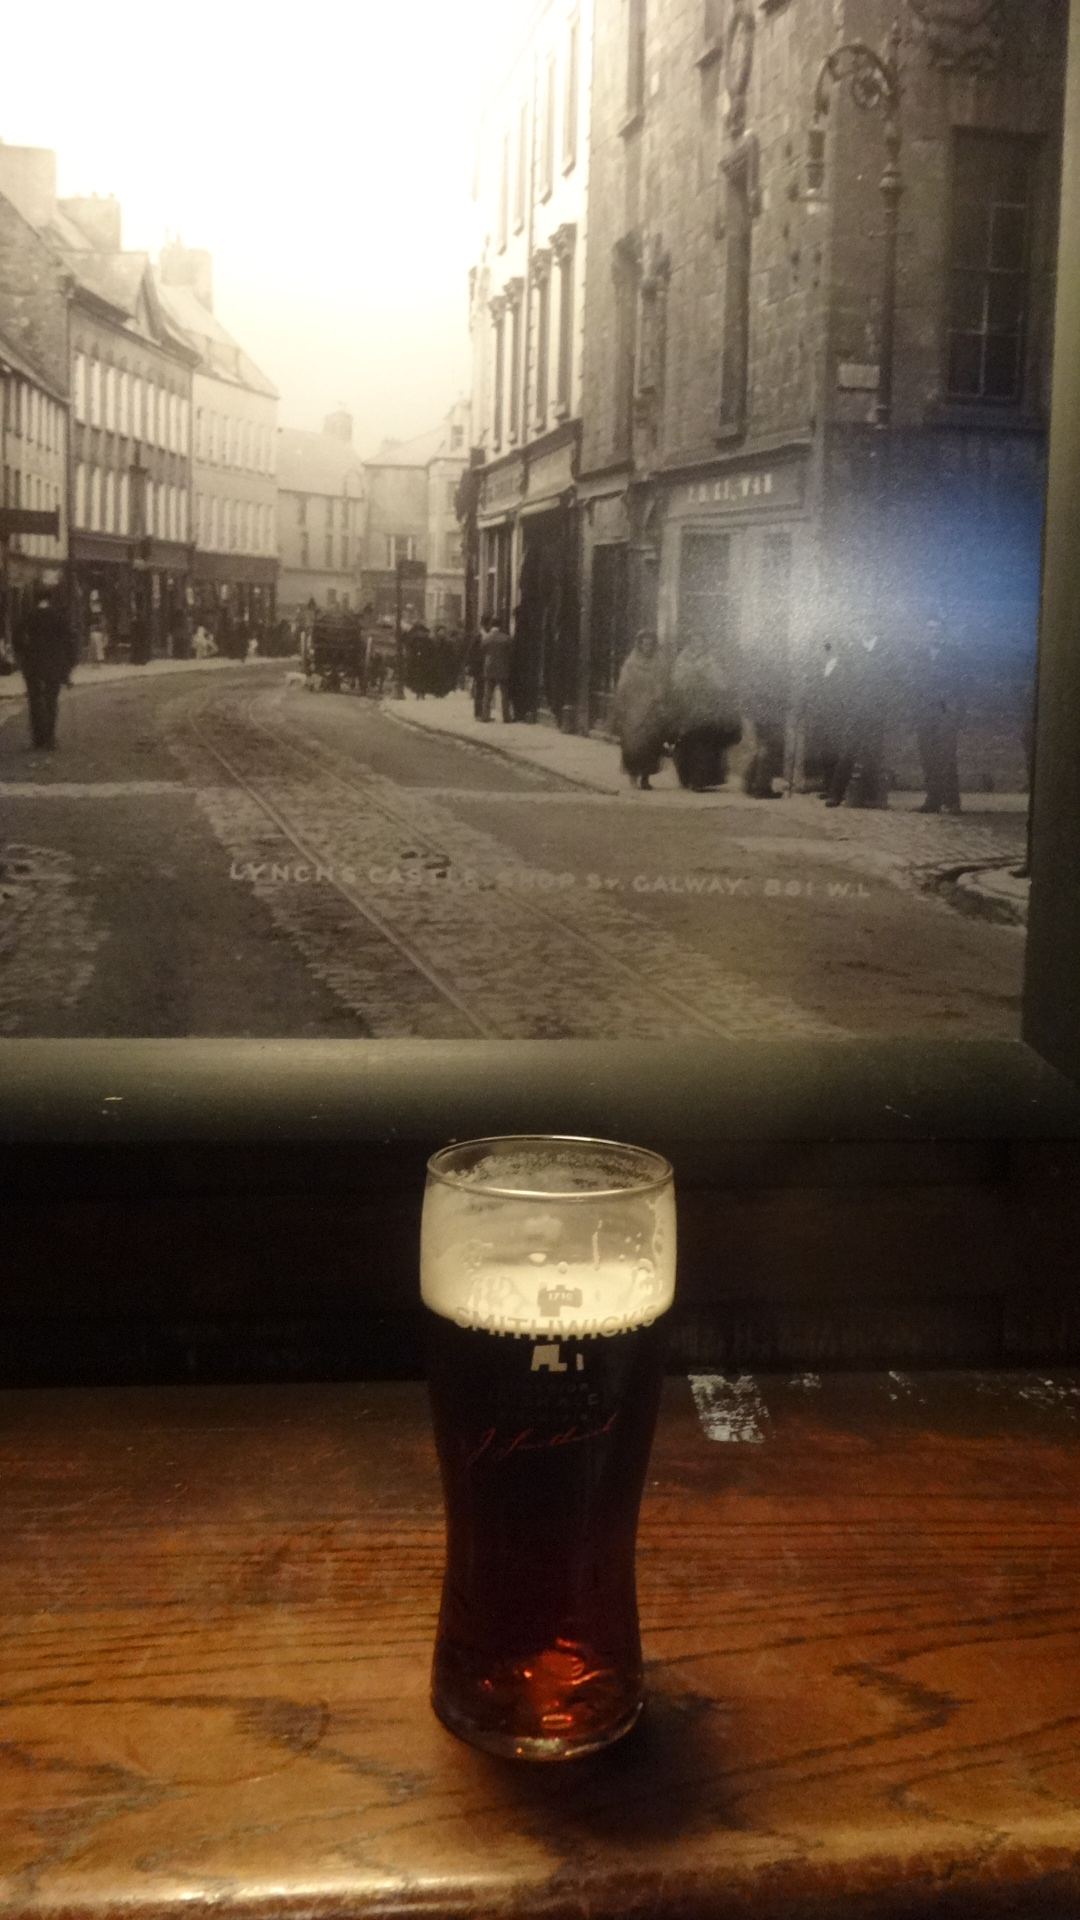 街の白黒の風景写真を背景にしたスミテイックスのグラス